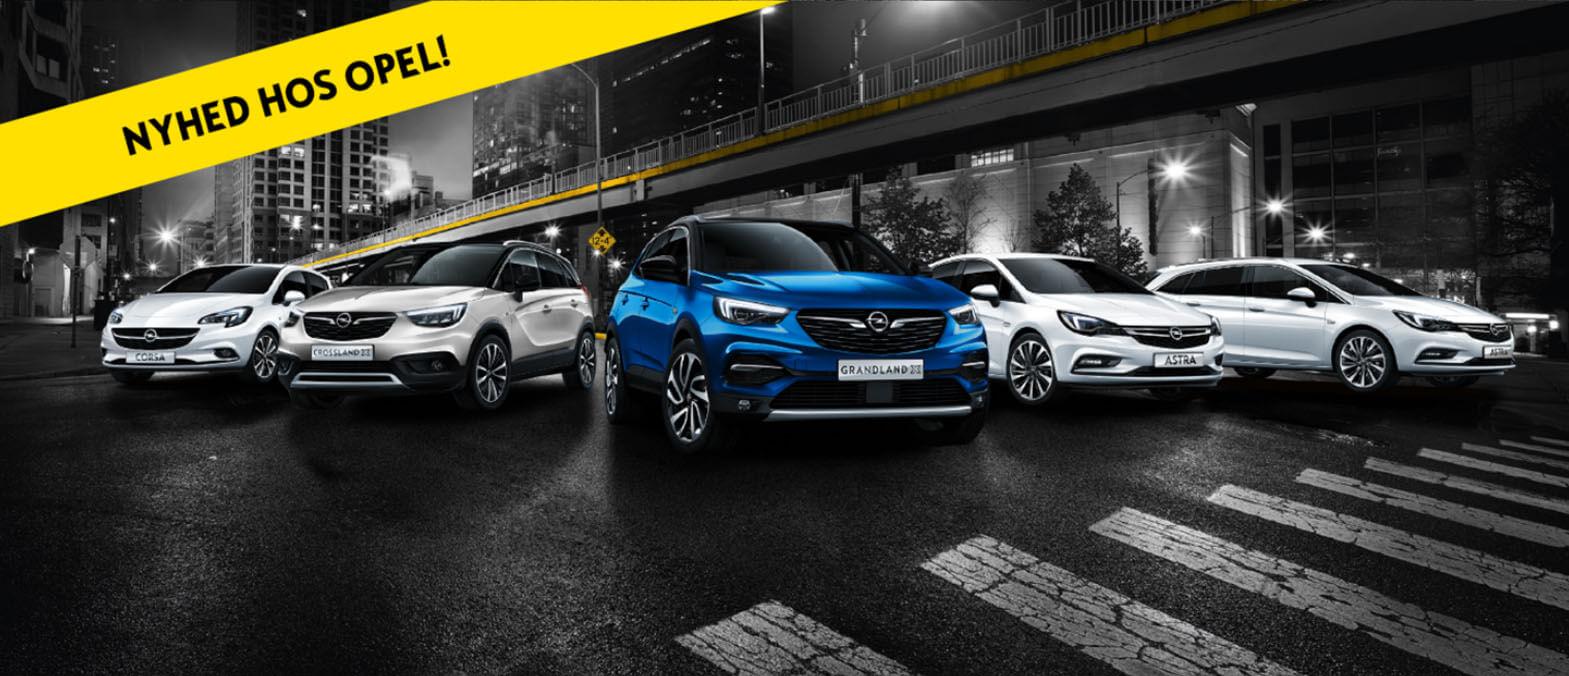 Afdragsfrit billån hos Opel